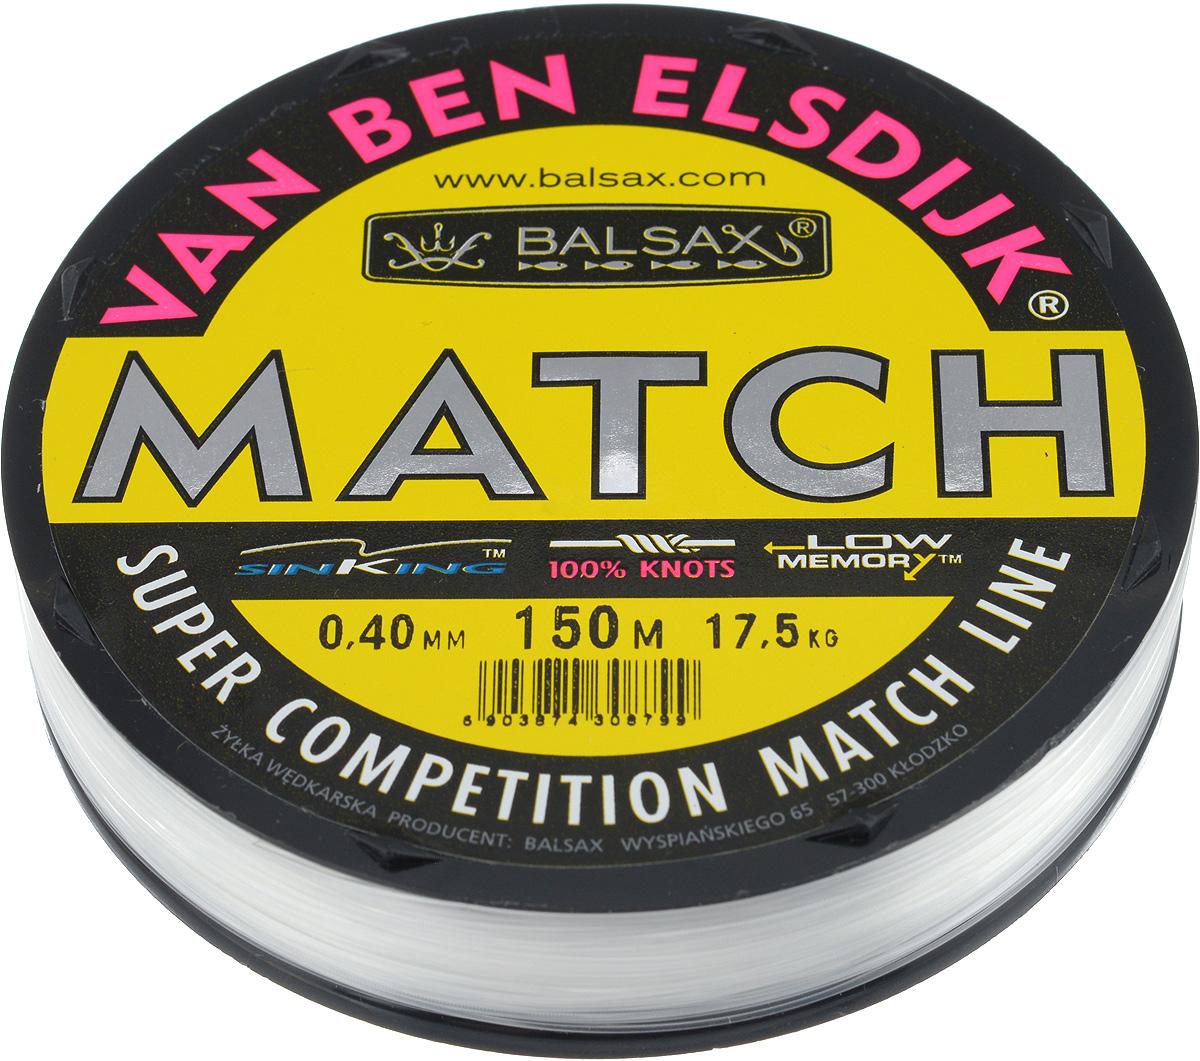 Леска Balsax Match VBE, 150 м, 0,40 мм, 17,5 кг леска balsax mega winter